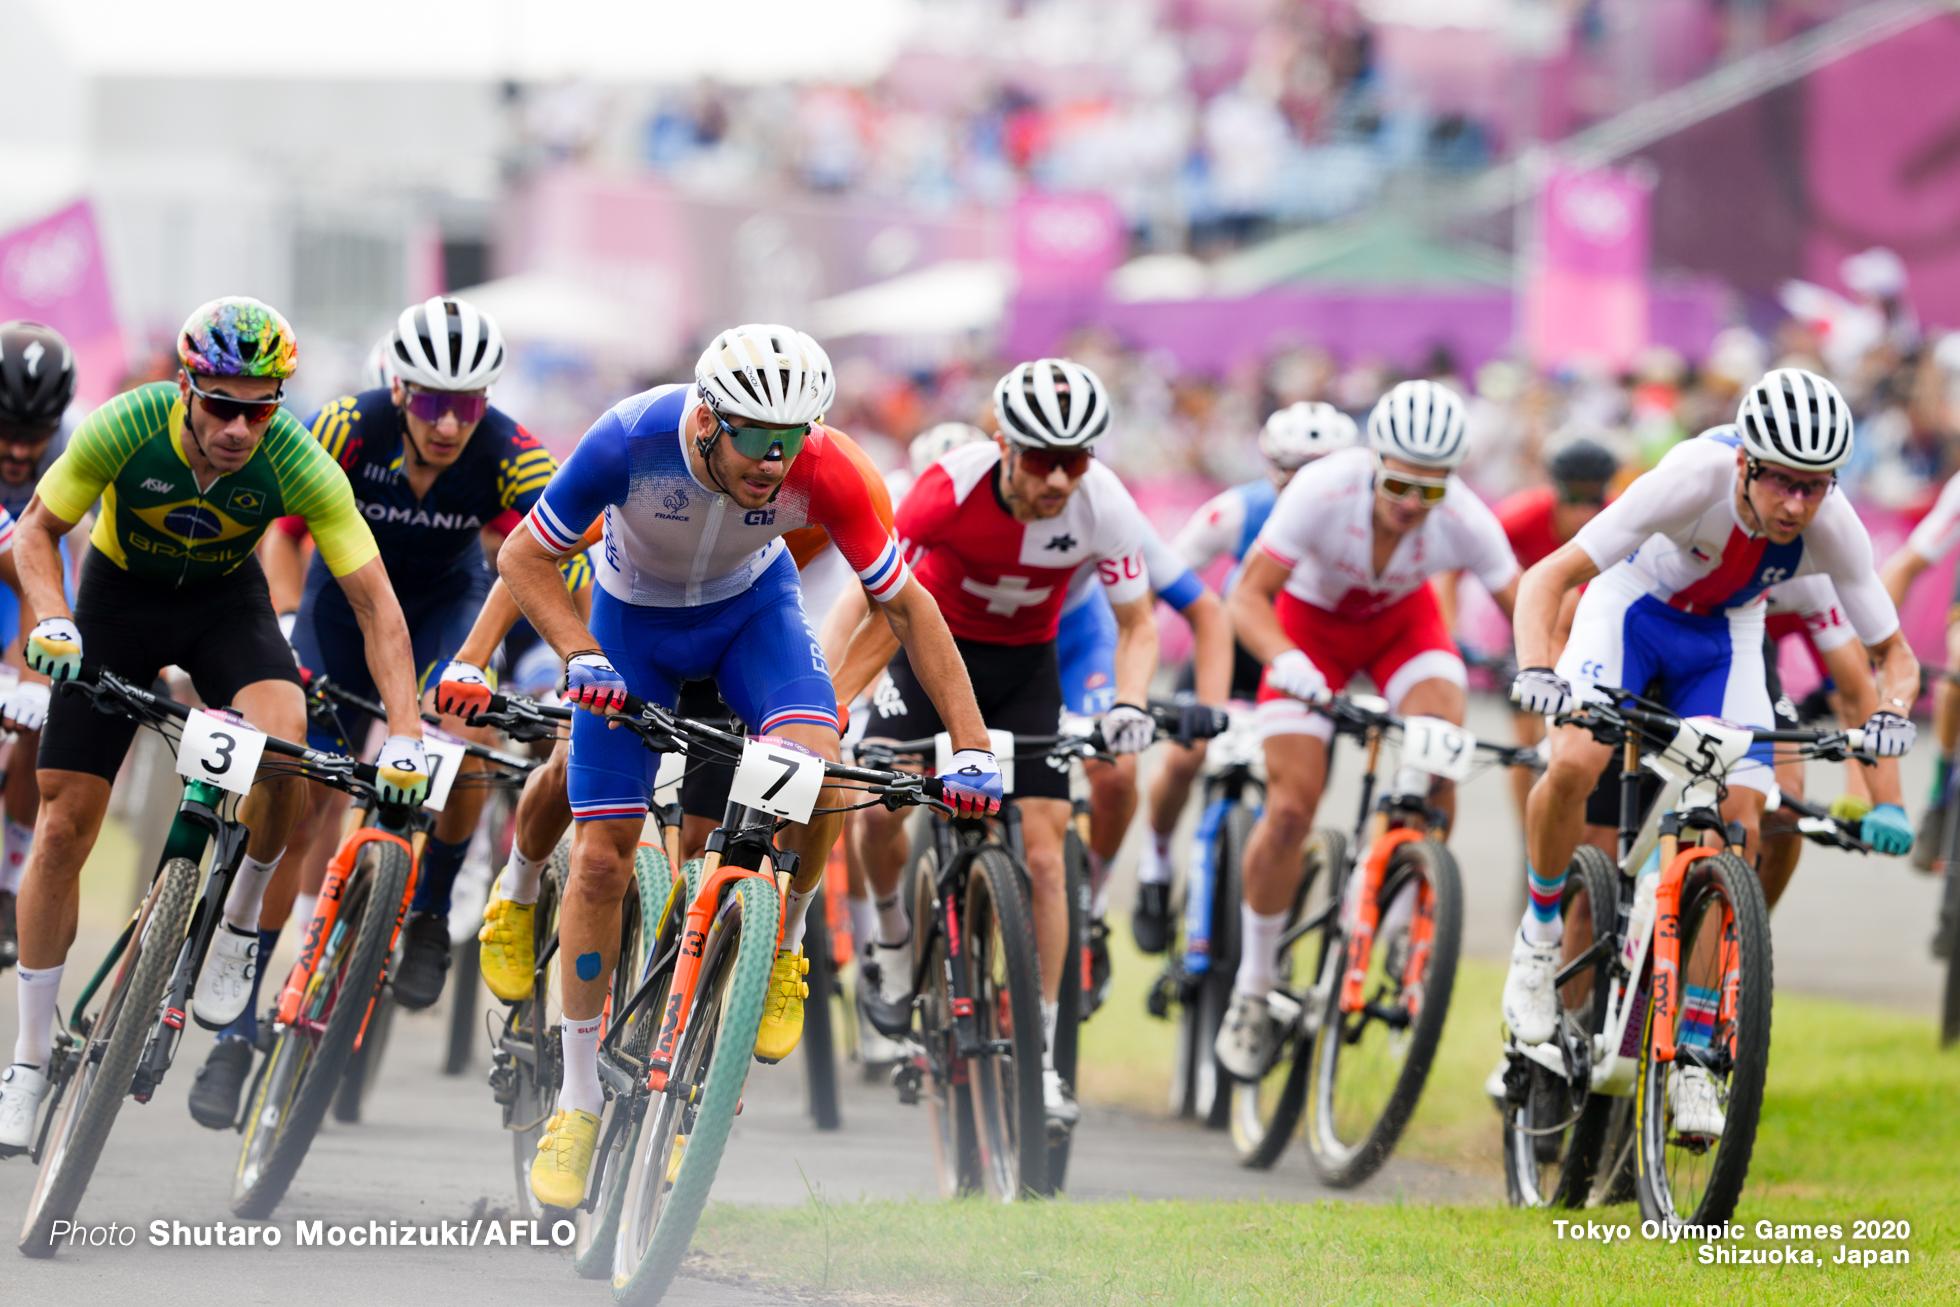 ヴィクトル・コレツキー Victor Koretzky (FRA), JULY 26, 2021 - Cycling : Men's Cross-country during the Tokyo 2020 Olympic Games at the Izu MTB Course in Shizuoka, Japan. (Photo by Shutaro Mochizuki/AFLO)